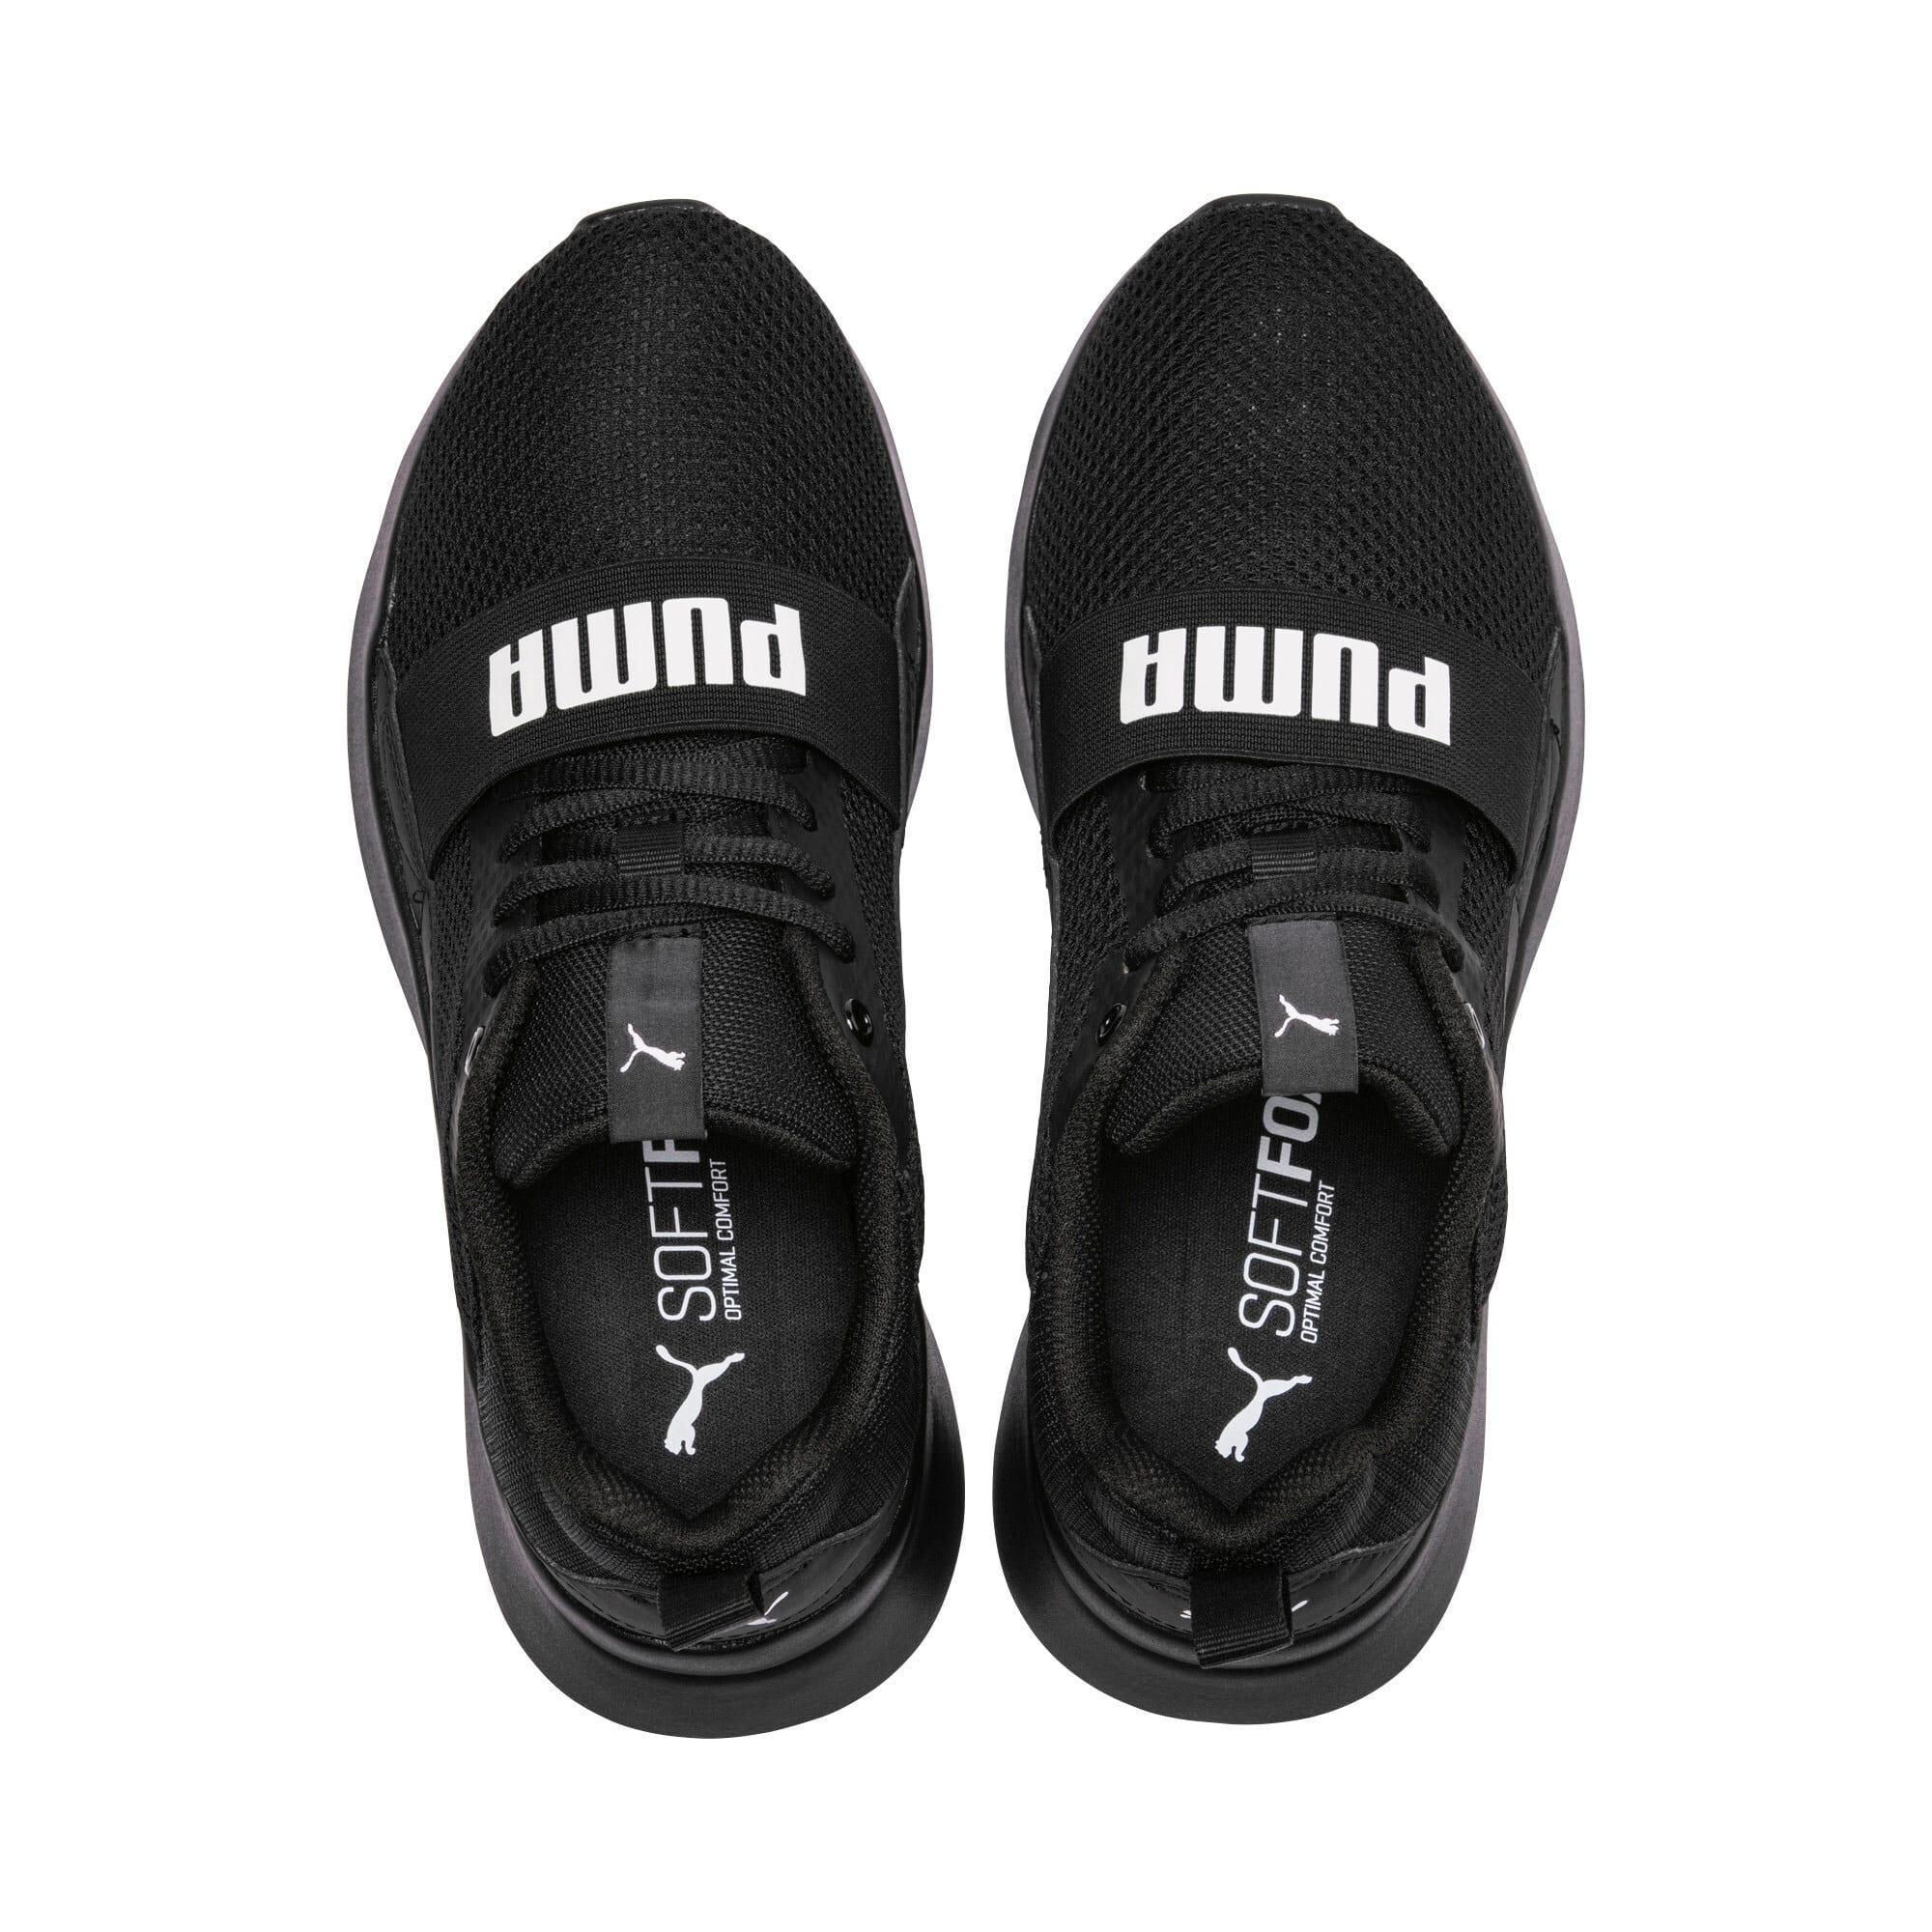 Miniatura 6 de Zapatos deportivos PUMA Wired JR, Puma Black-Puma Black- Negro, mediano